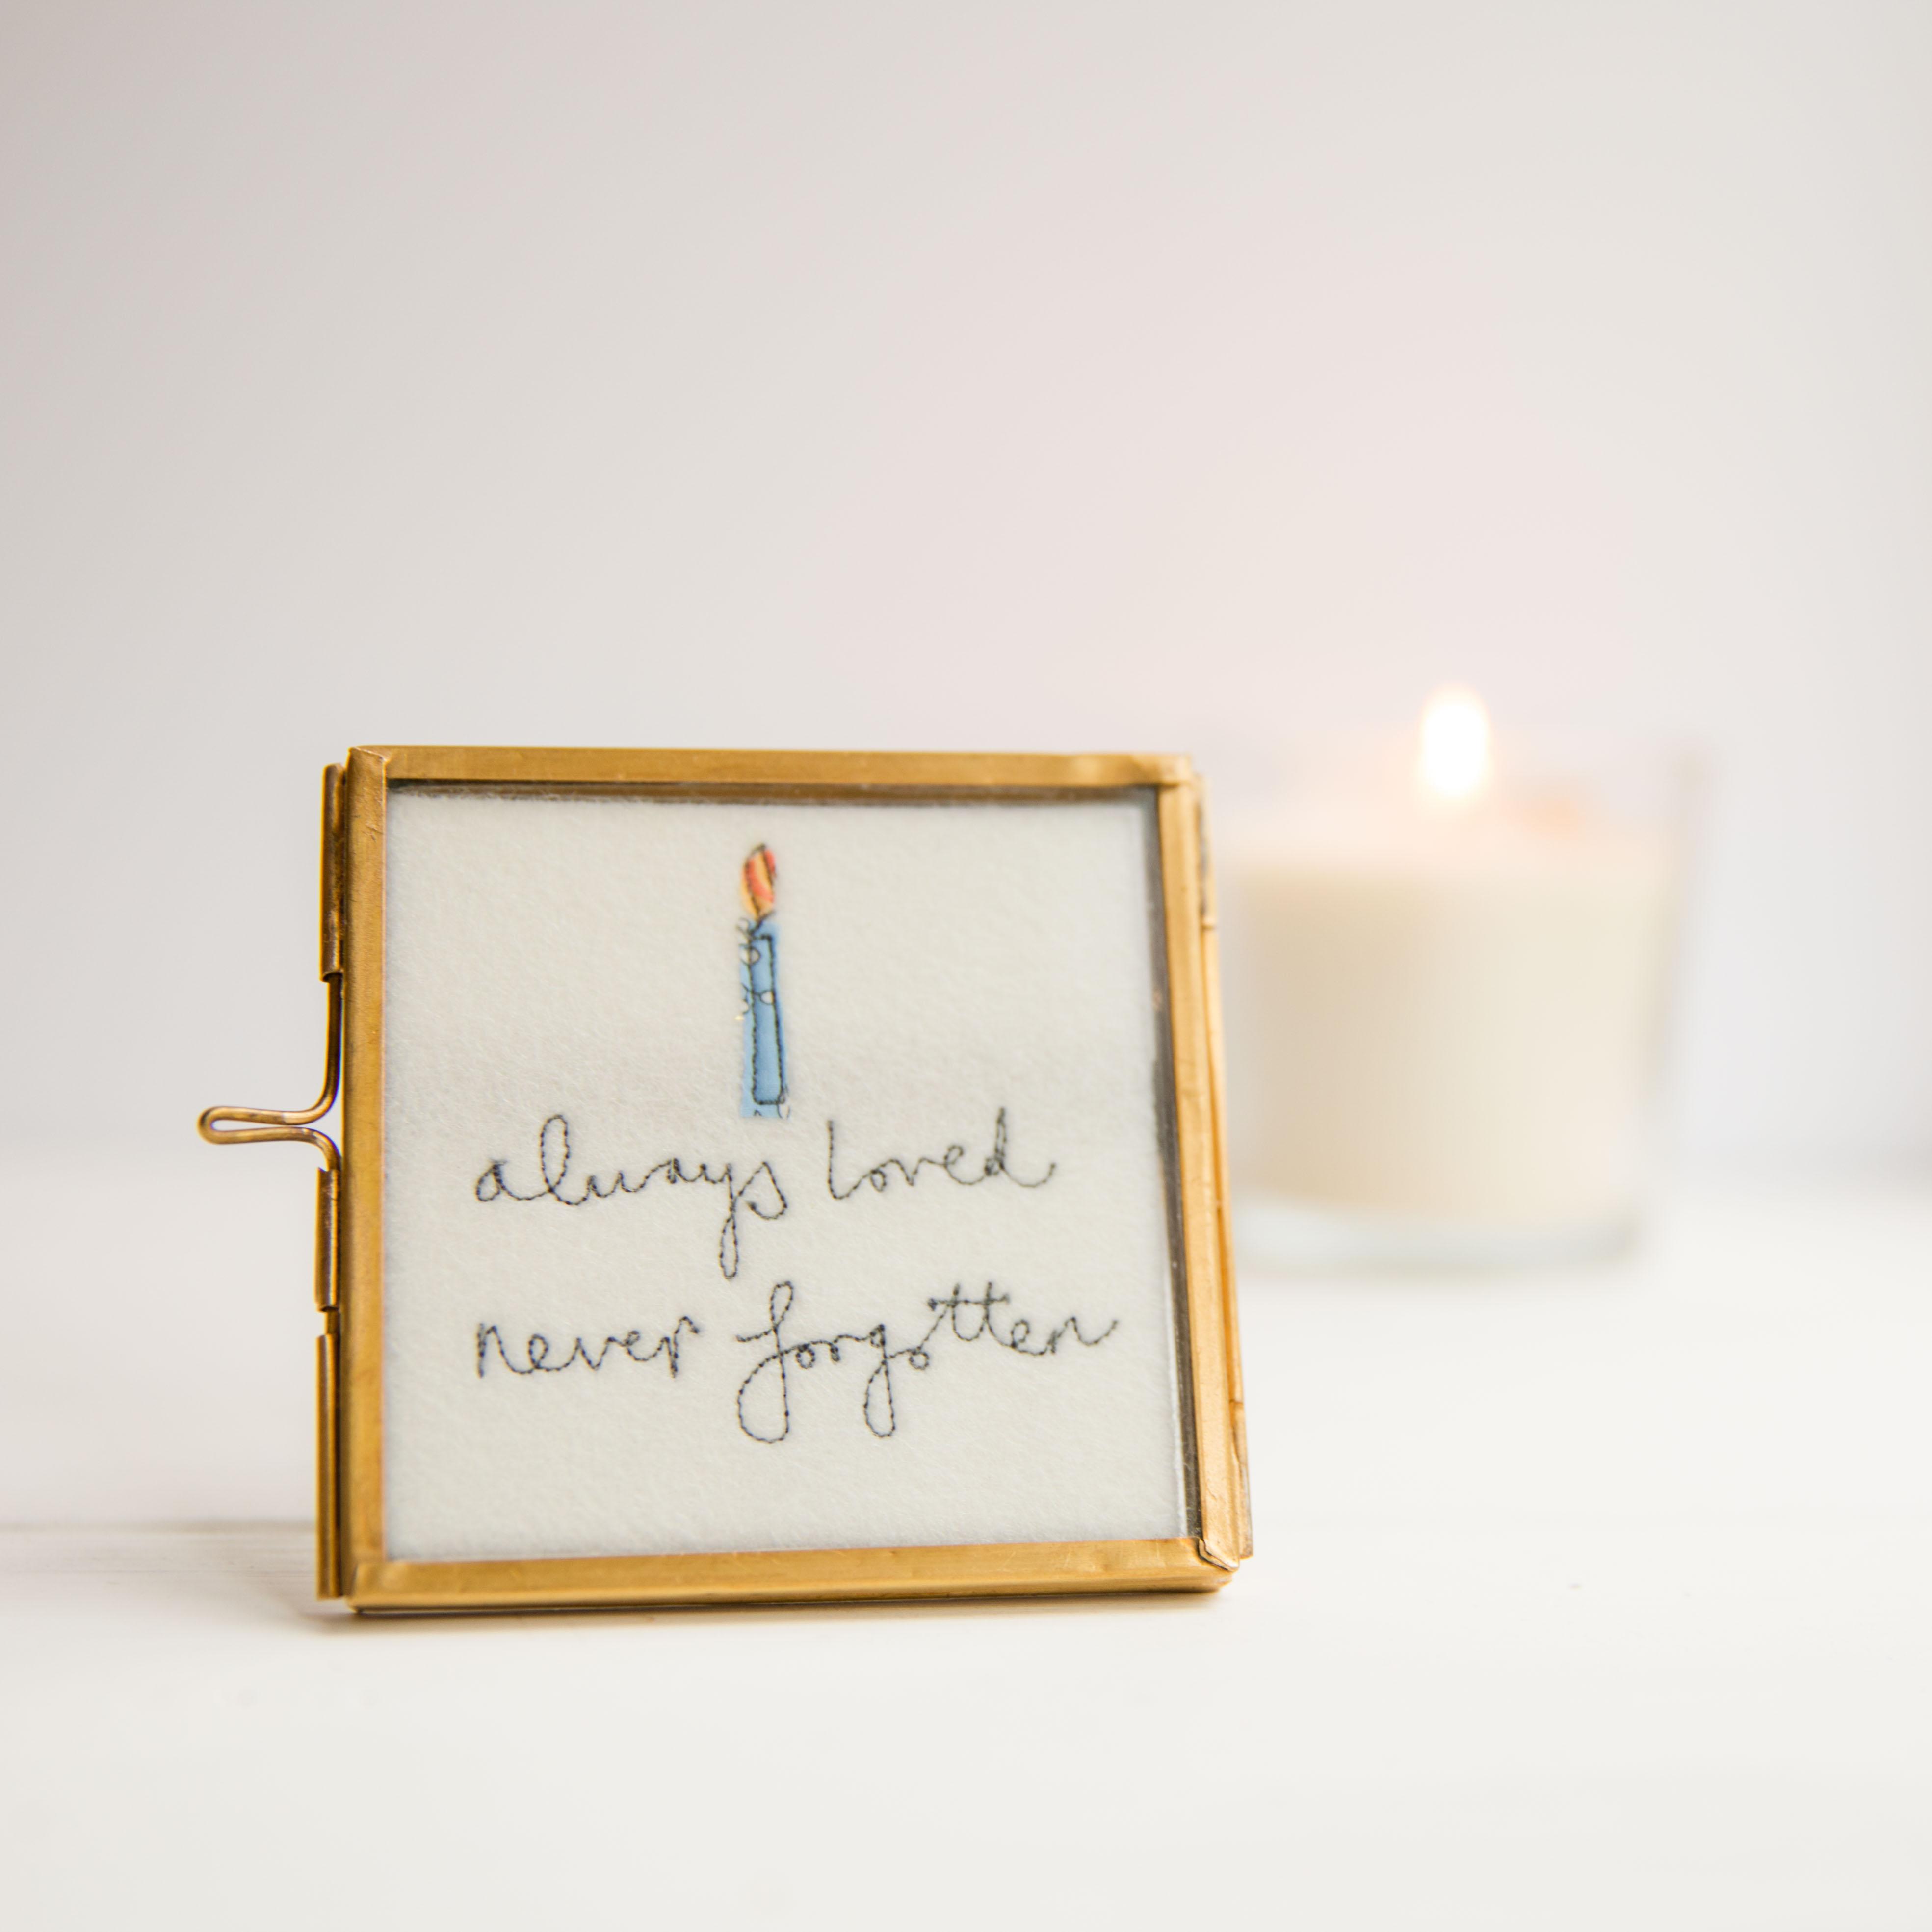 Always loved, never forgotten framed embroidery